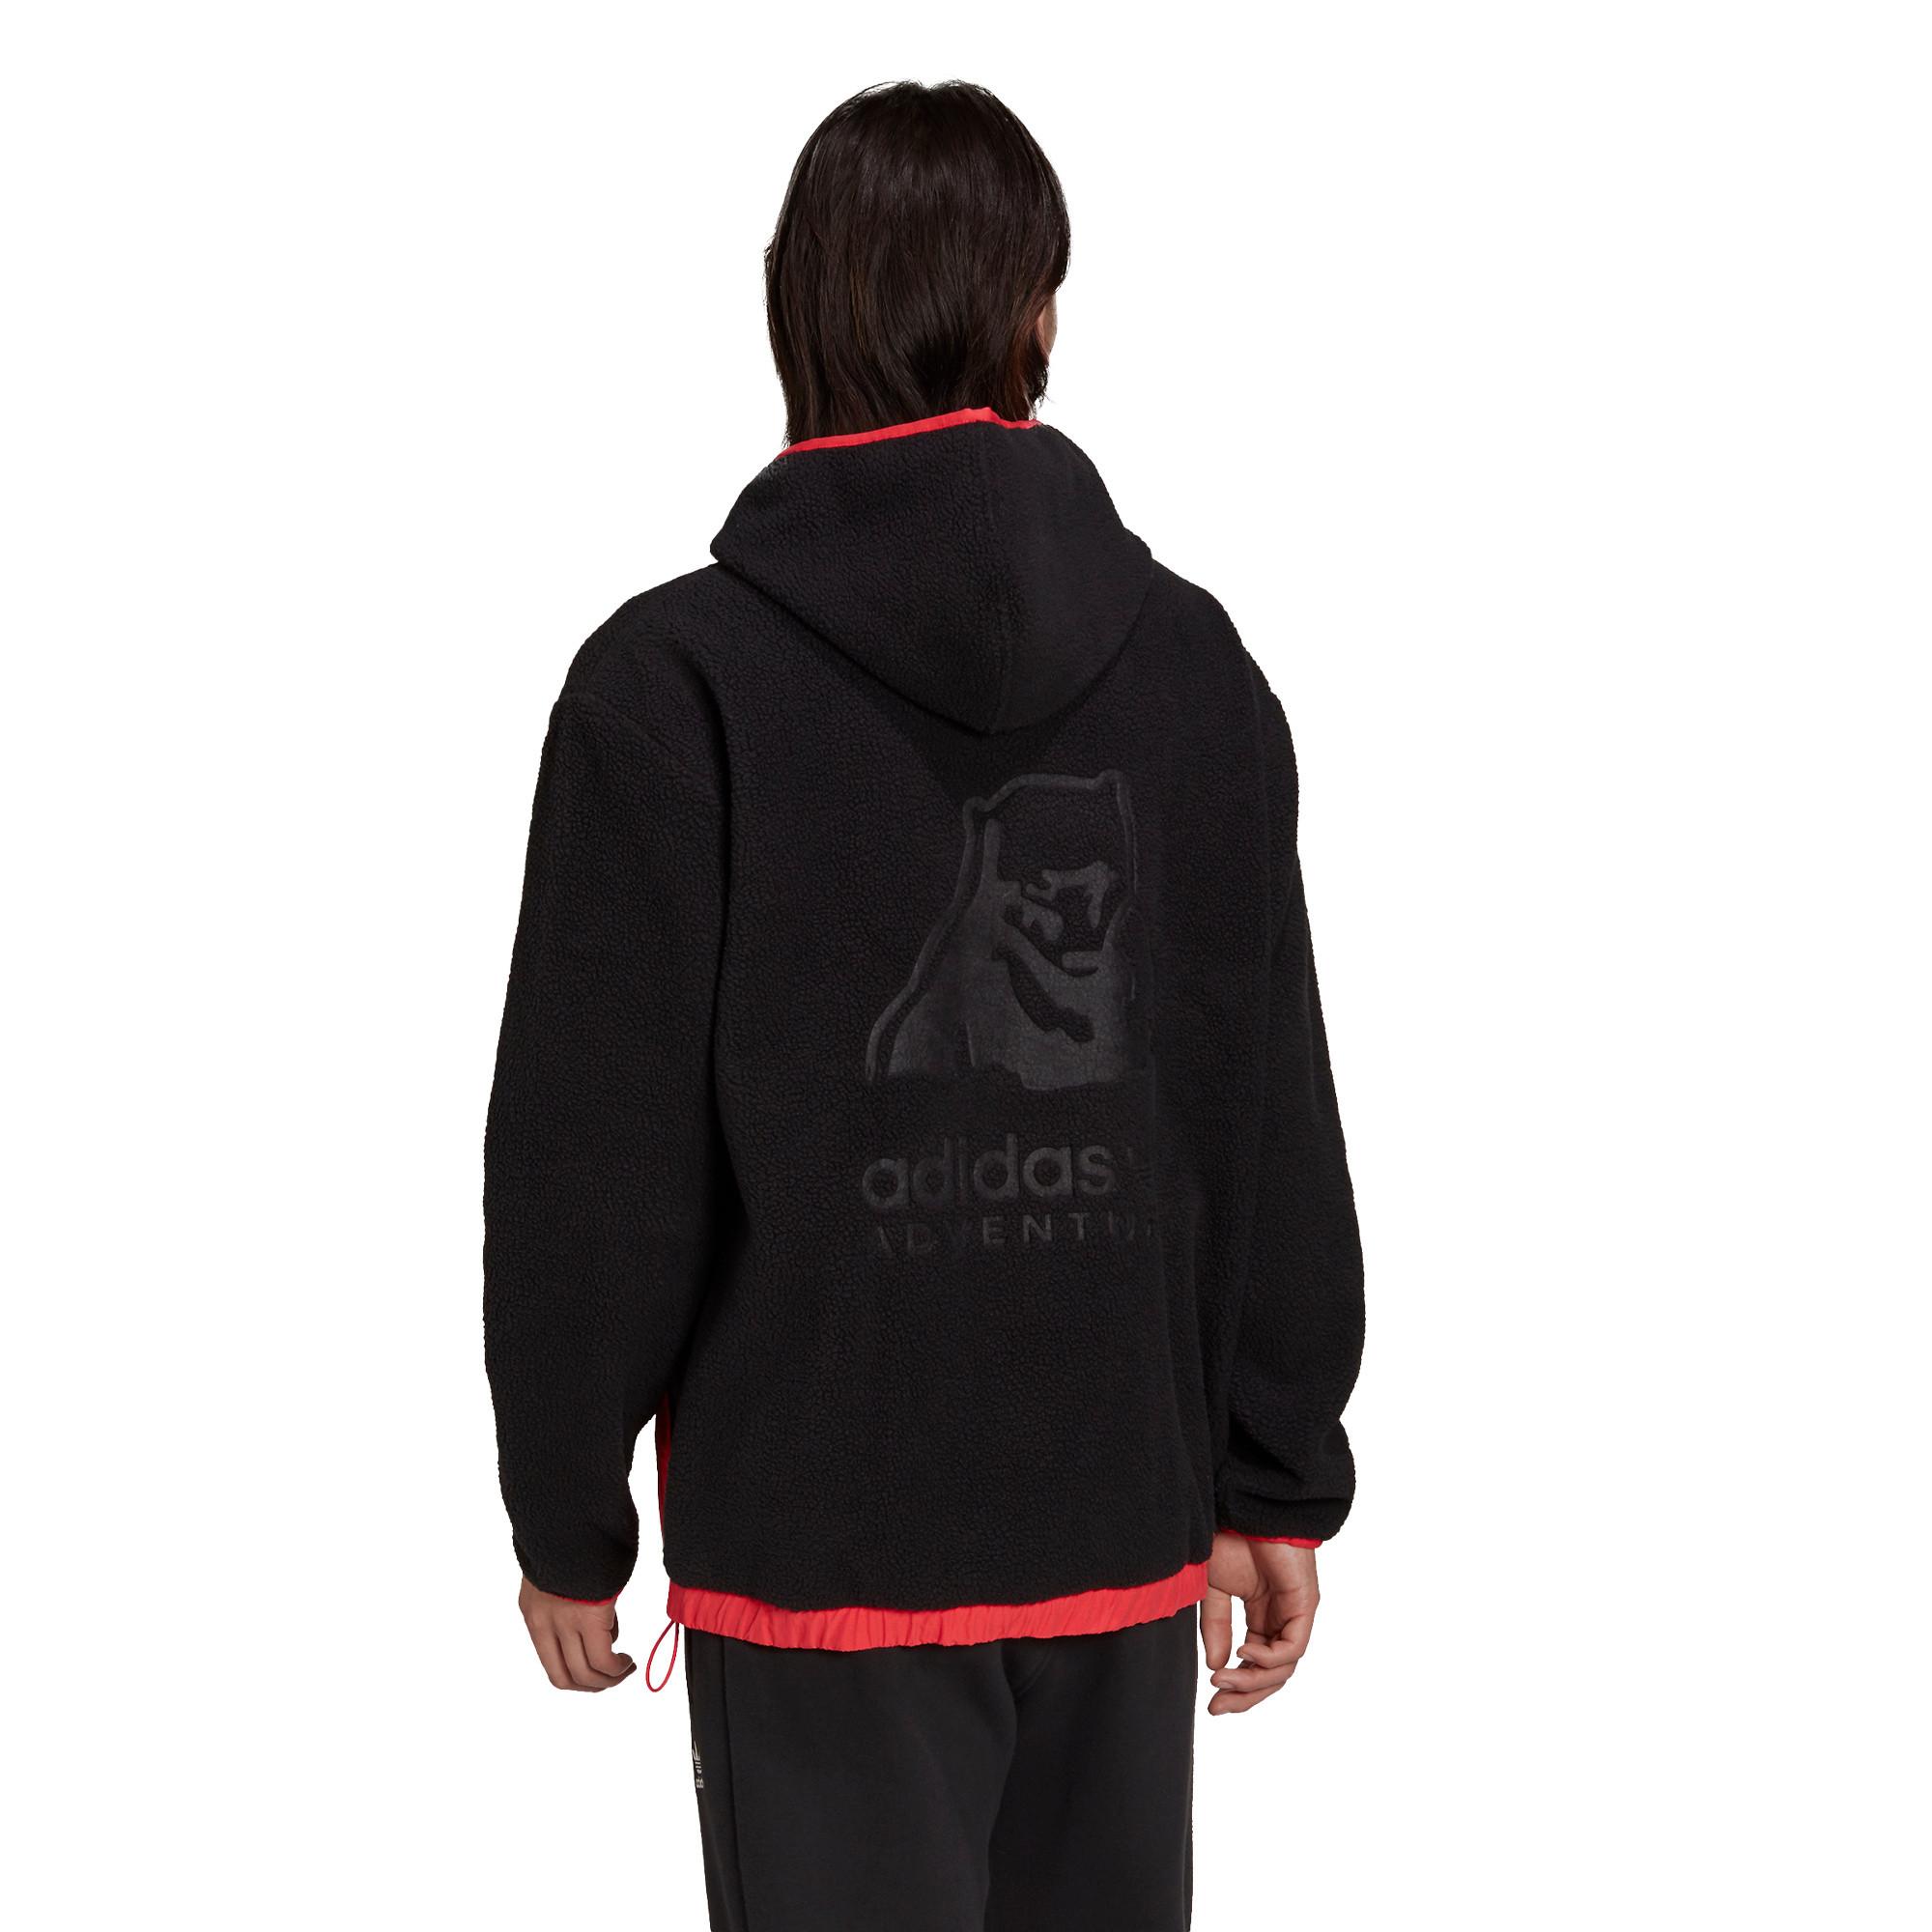 Felpa con cappuccio adidas Adventure Polar Fleece, Nero, large image number 1